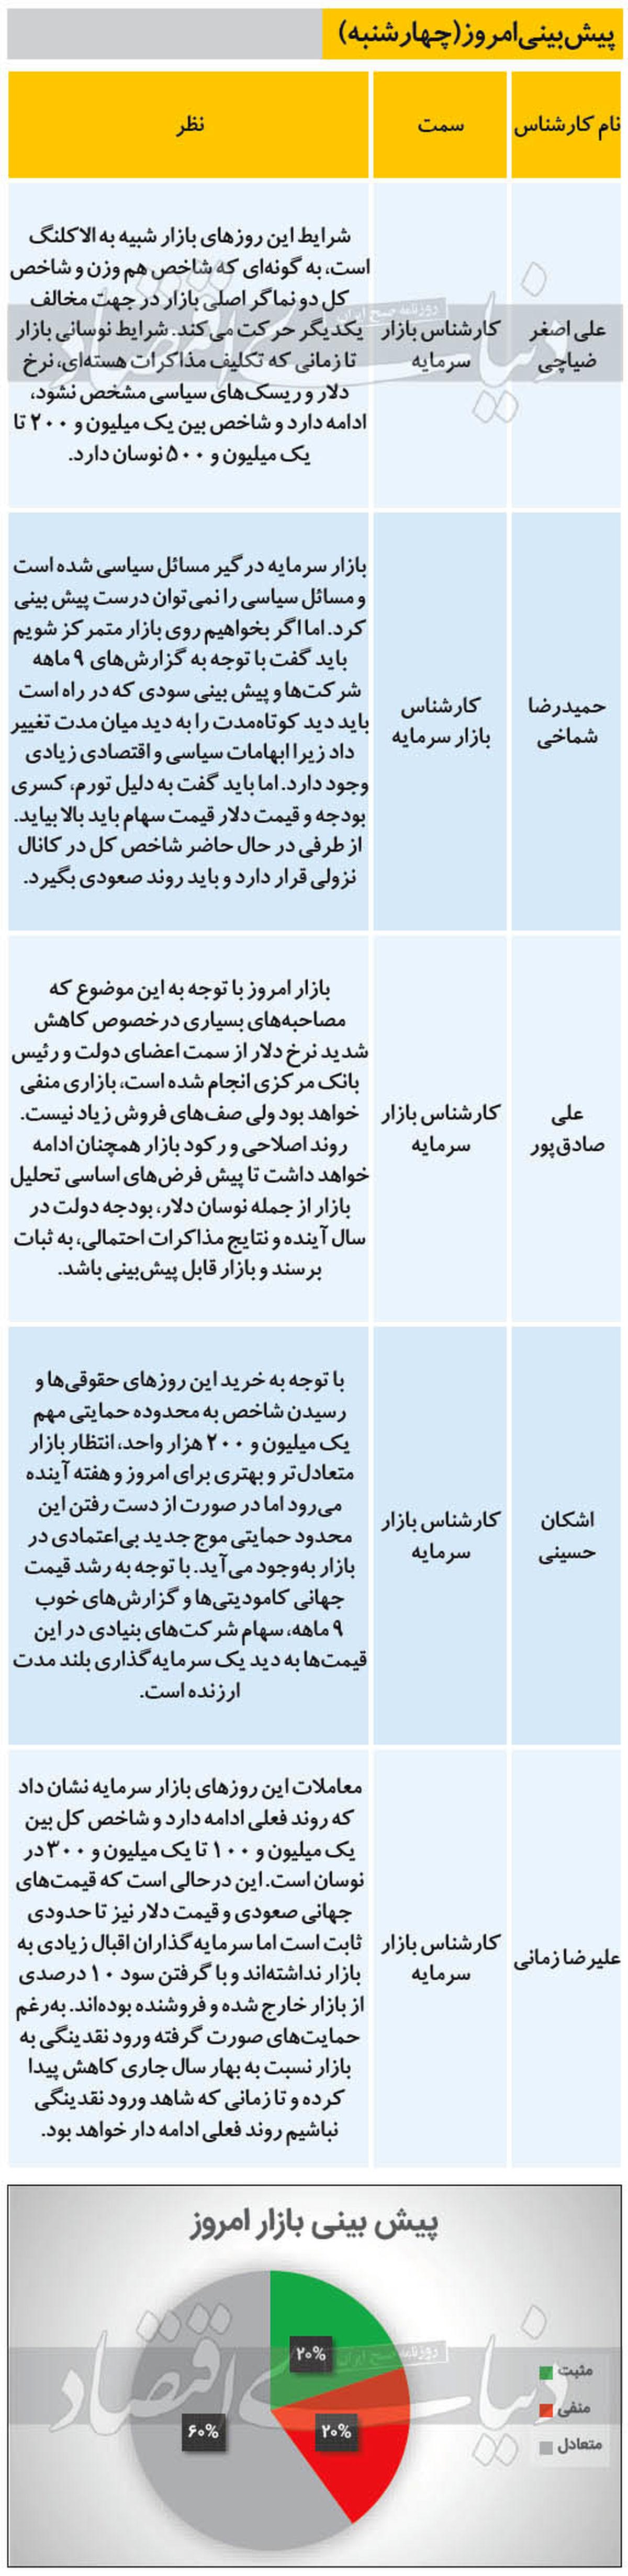 تردید کارشناسان درباره بورس امروز (۹۹/۱۱/۱۵)